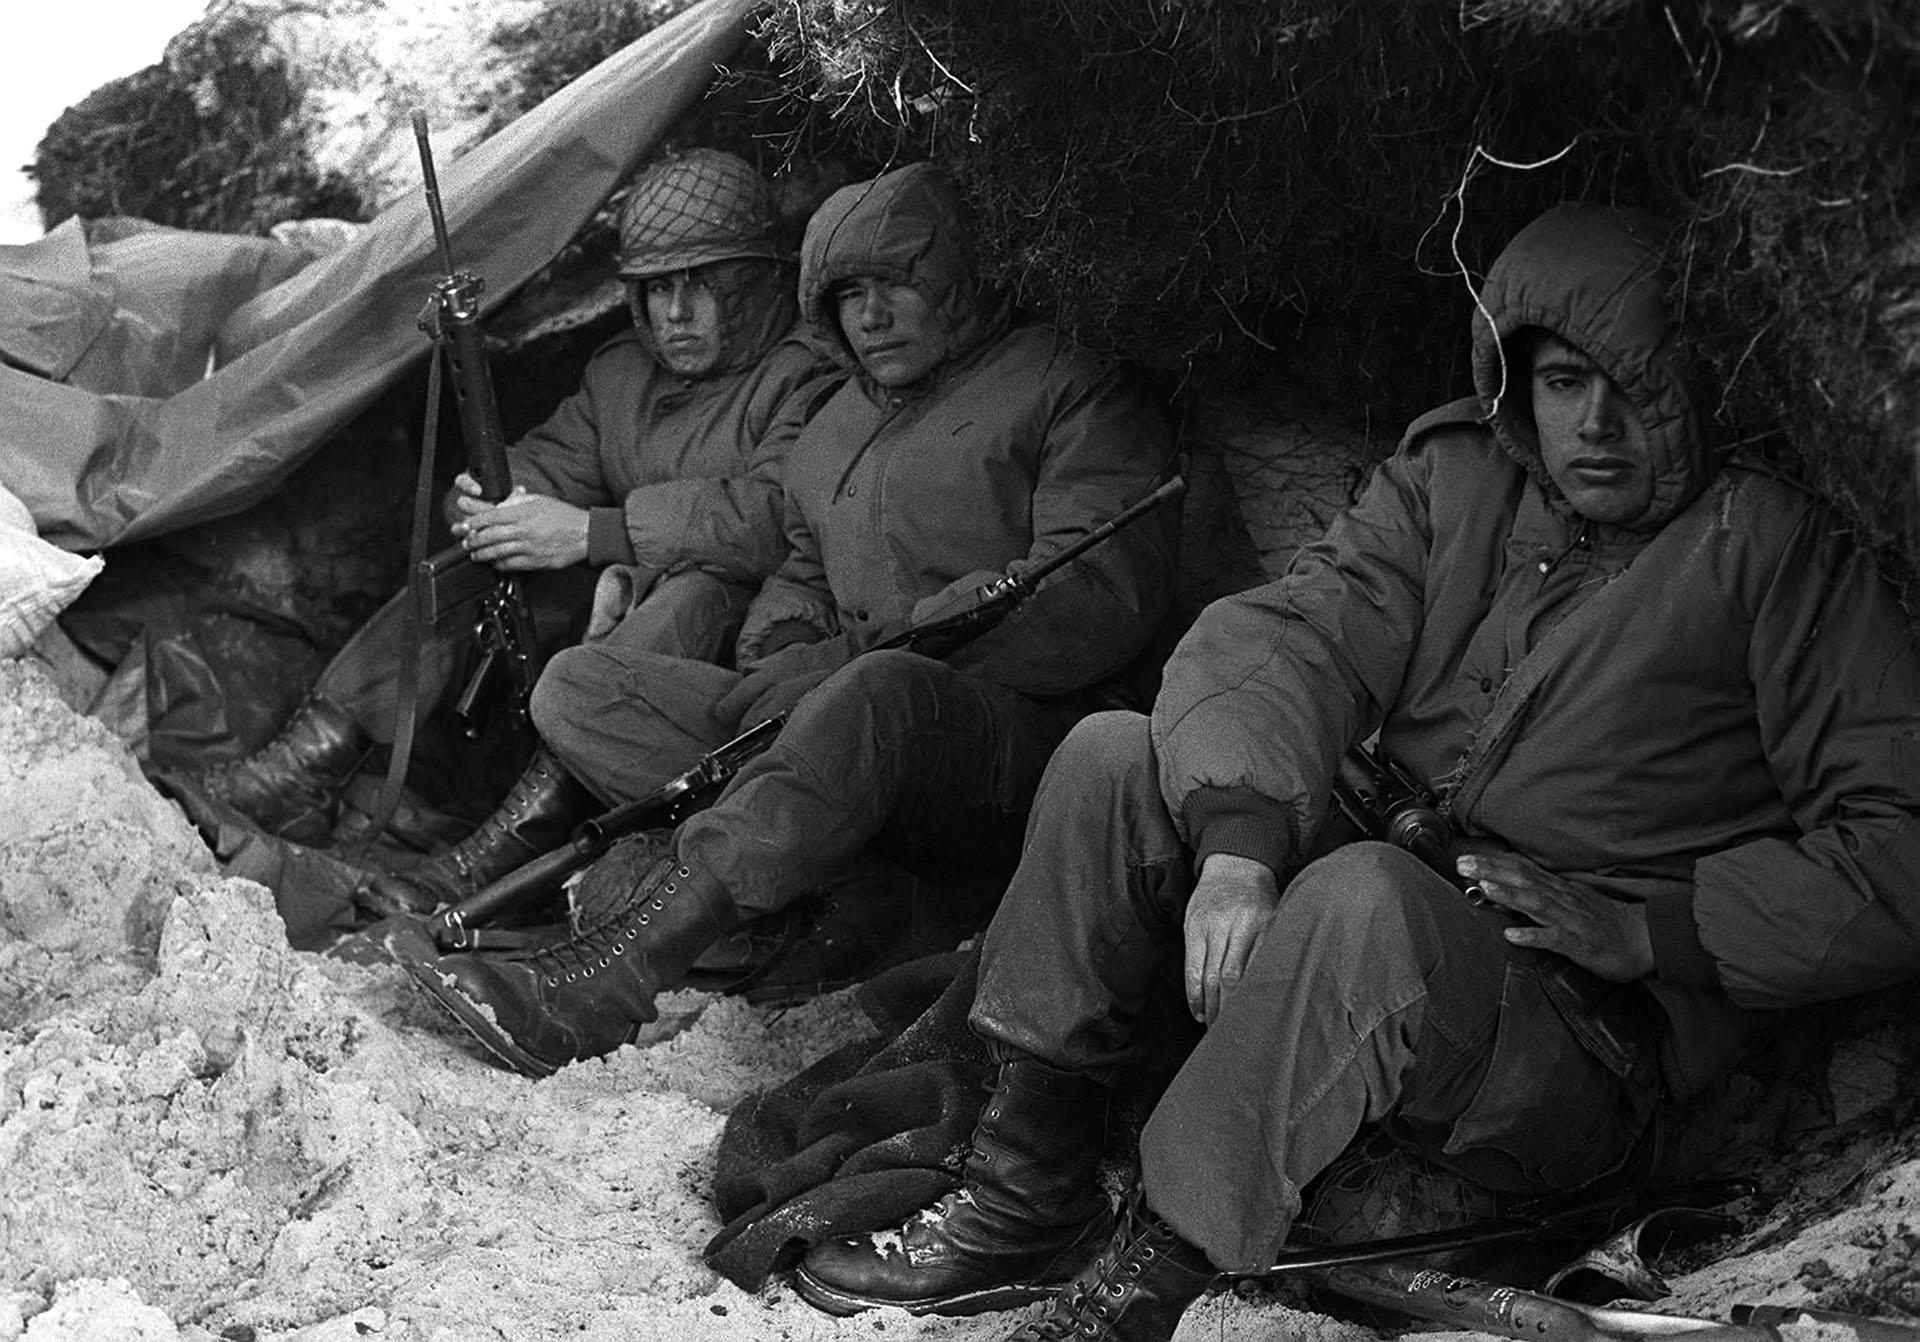 El frío está pegado en sus rostros. La naturaleza no ayuda. El clima es implacable. Medio adormilados, inexpresivos, con la nieve rozando sus botas y en una precaria posición, esperan los combatientes en su trinchera. (Foto: Telam / Román von Eckstein).